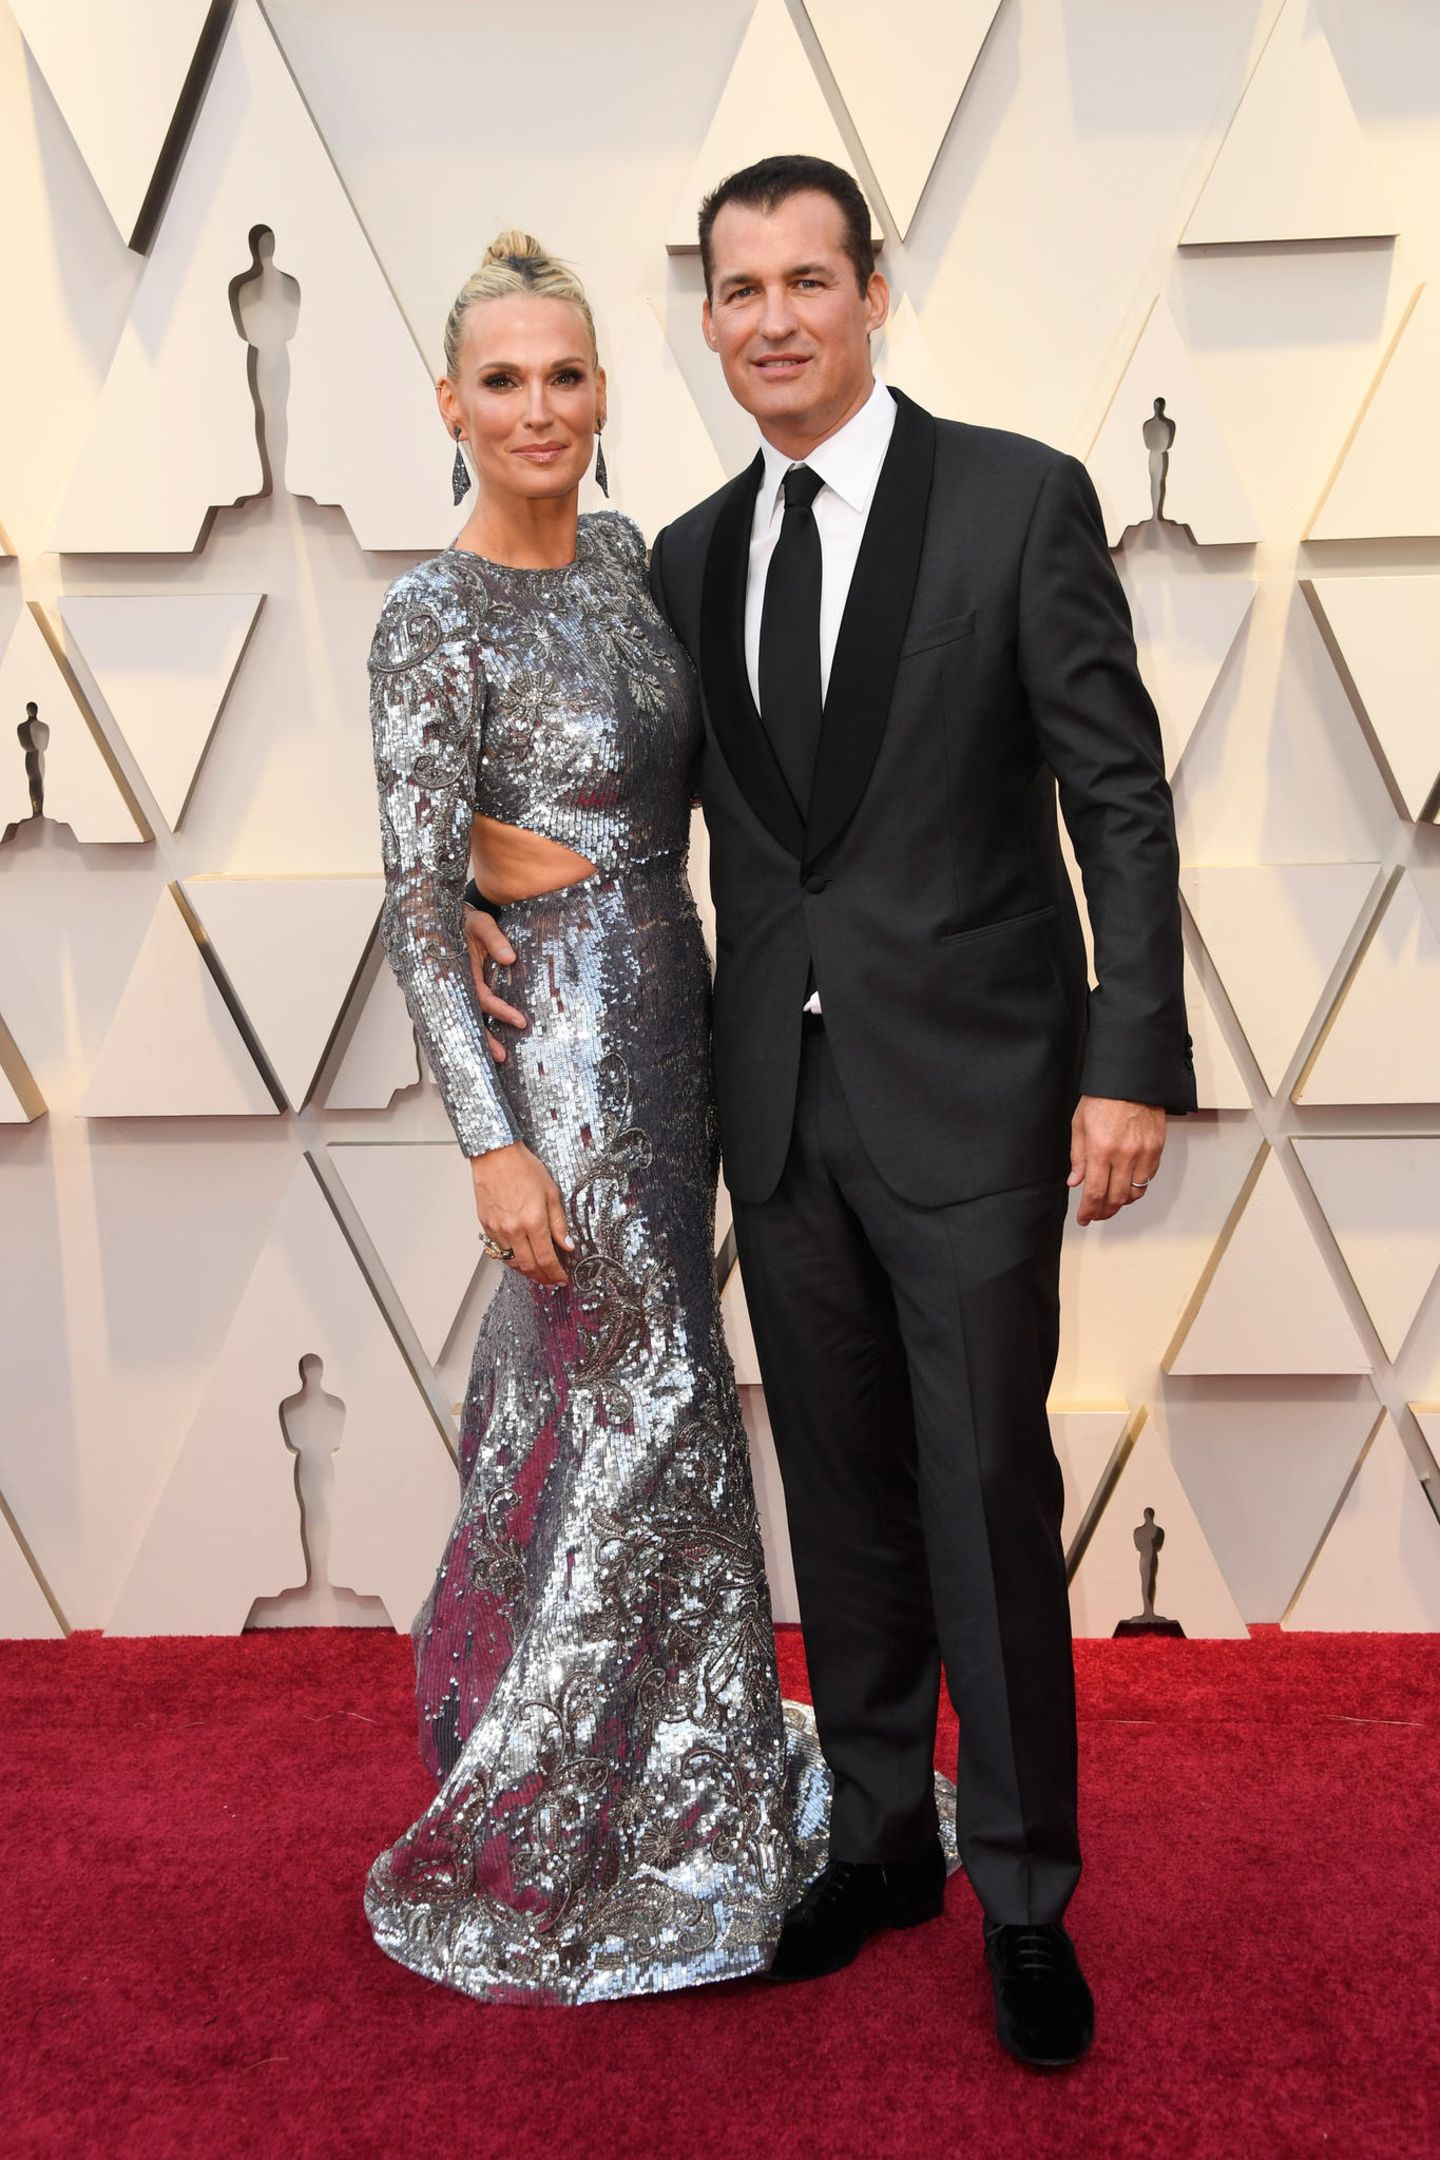 Während sich Scott Stuber im klassischen Anzug eher zurückhält, trumpft Molly Sims in einem silbernen Paillettenkleid wundervoll auf.